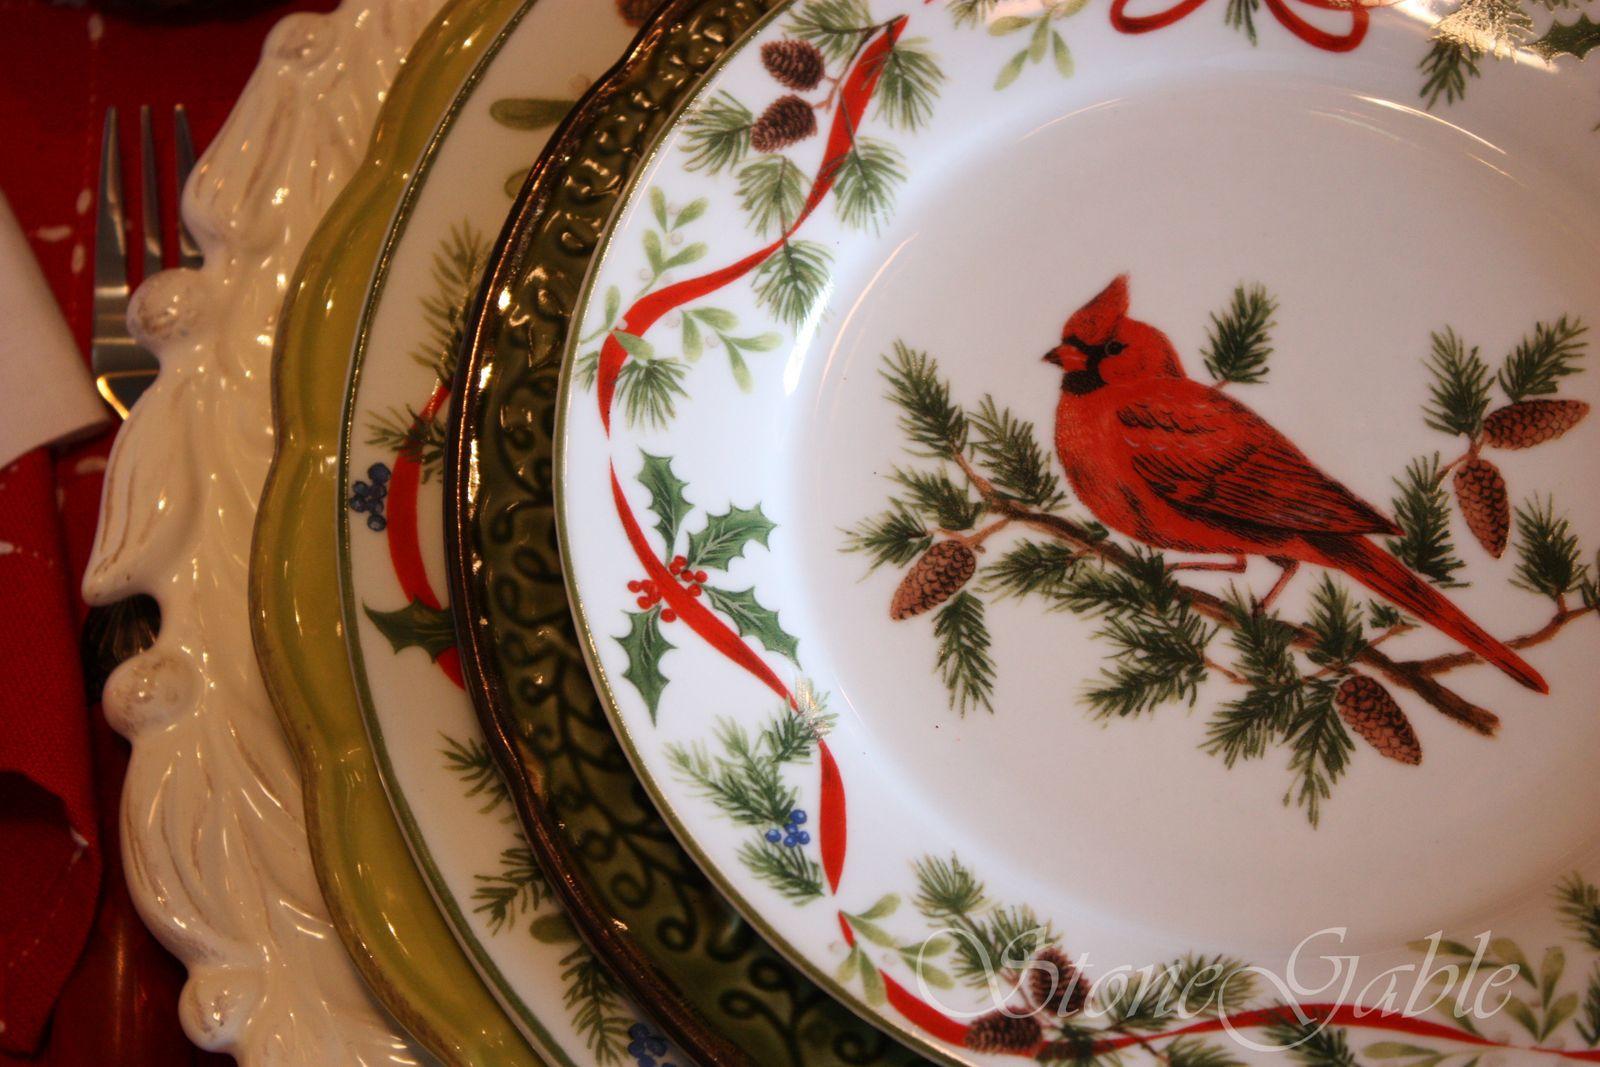 Christmas China Plates